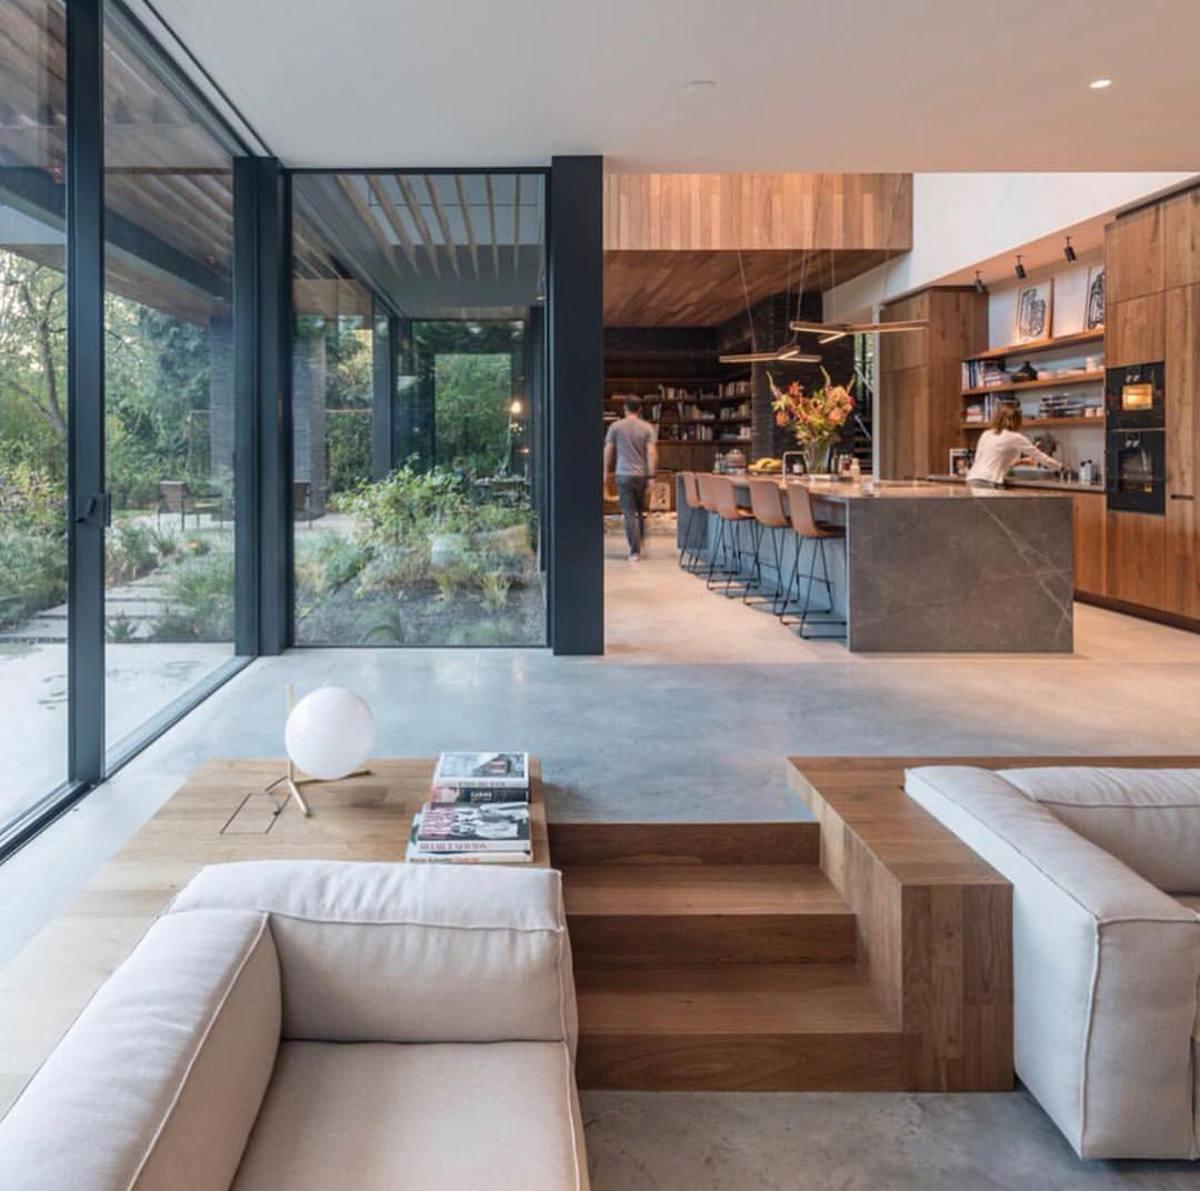 室内设计优秀作品集锦(9)